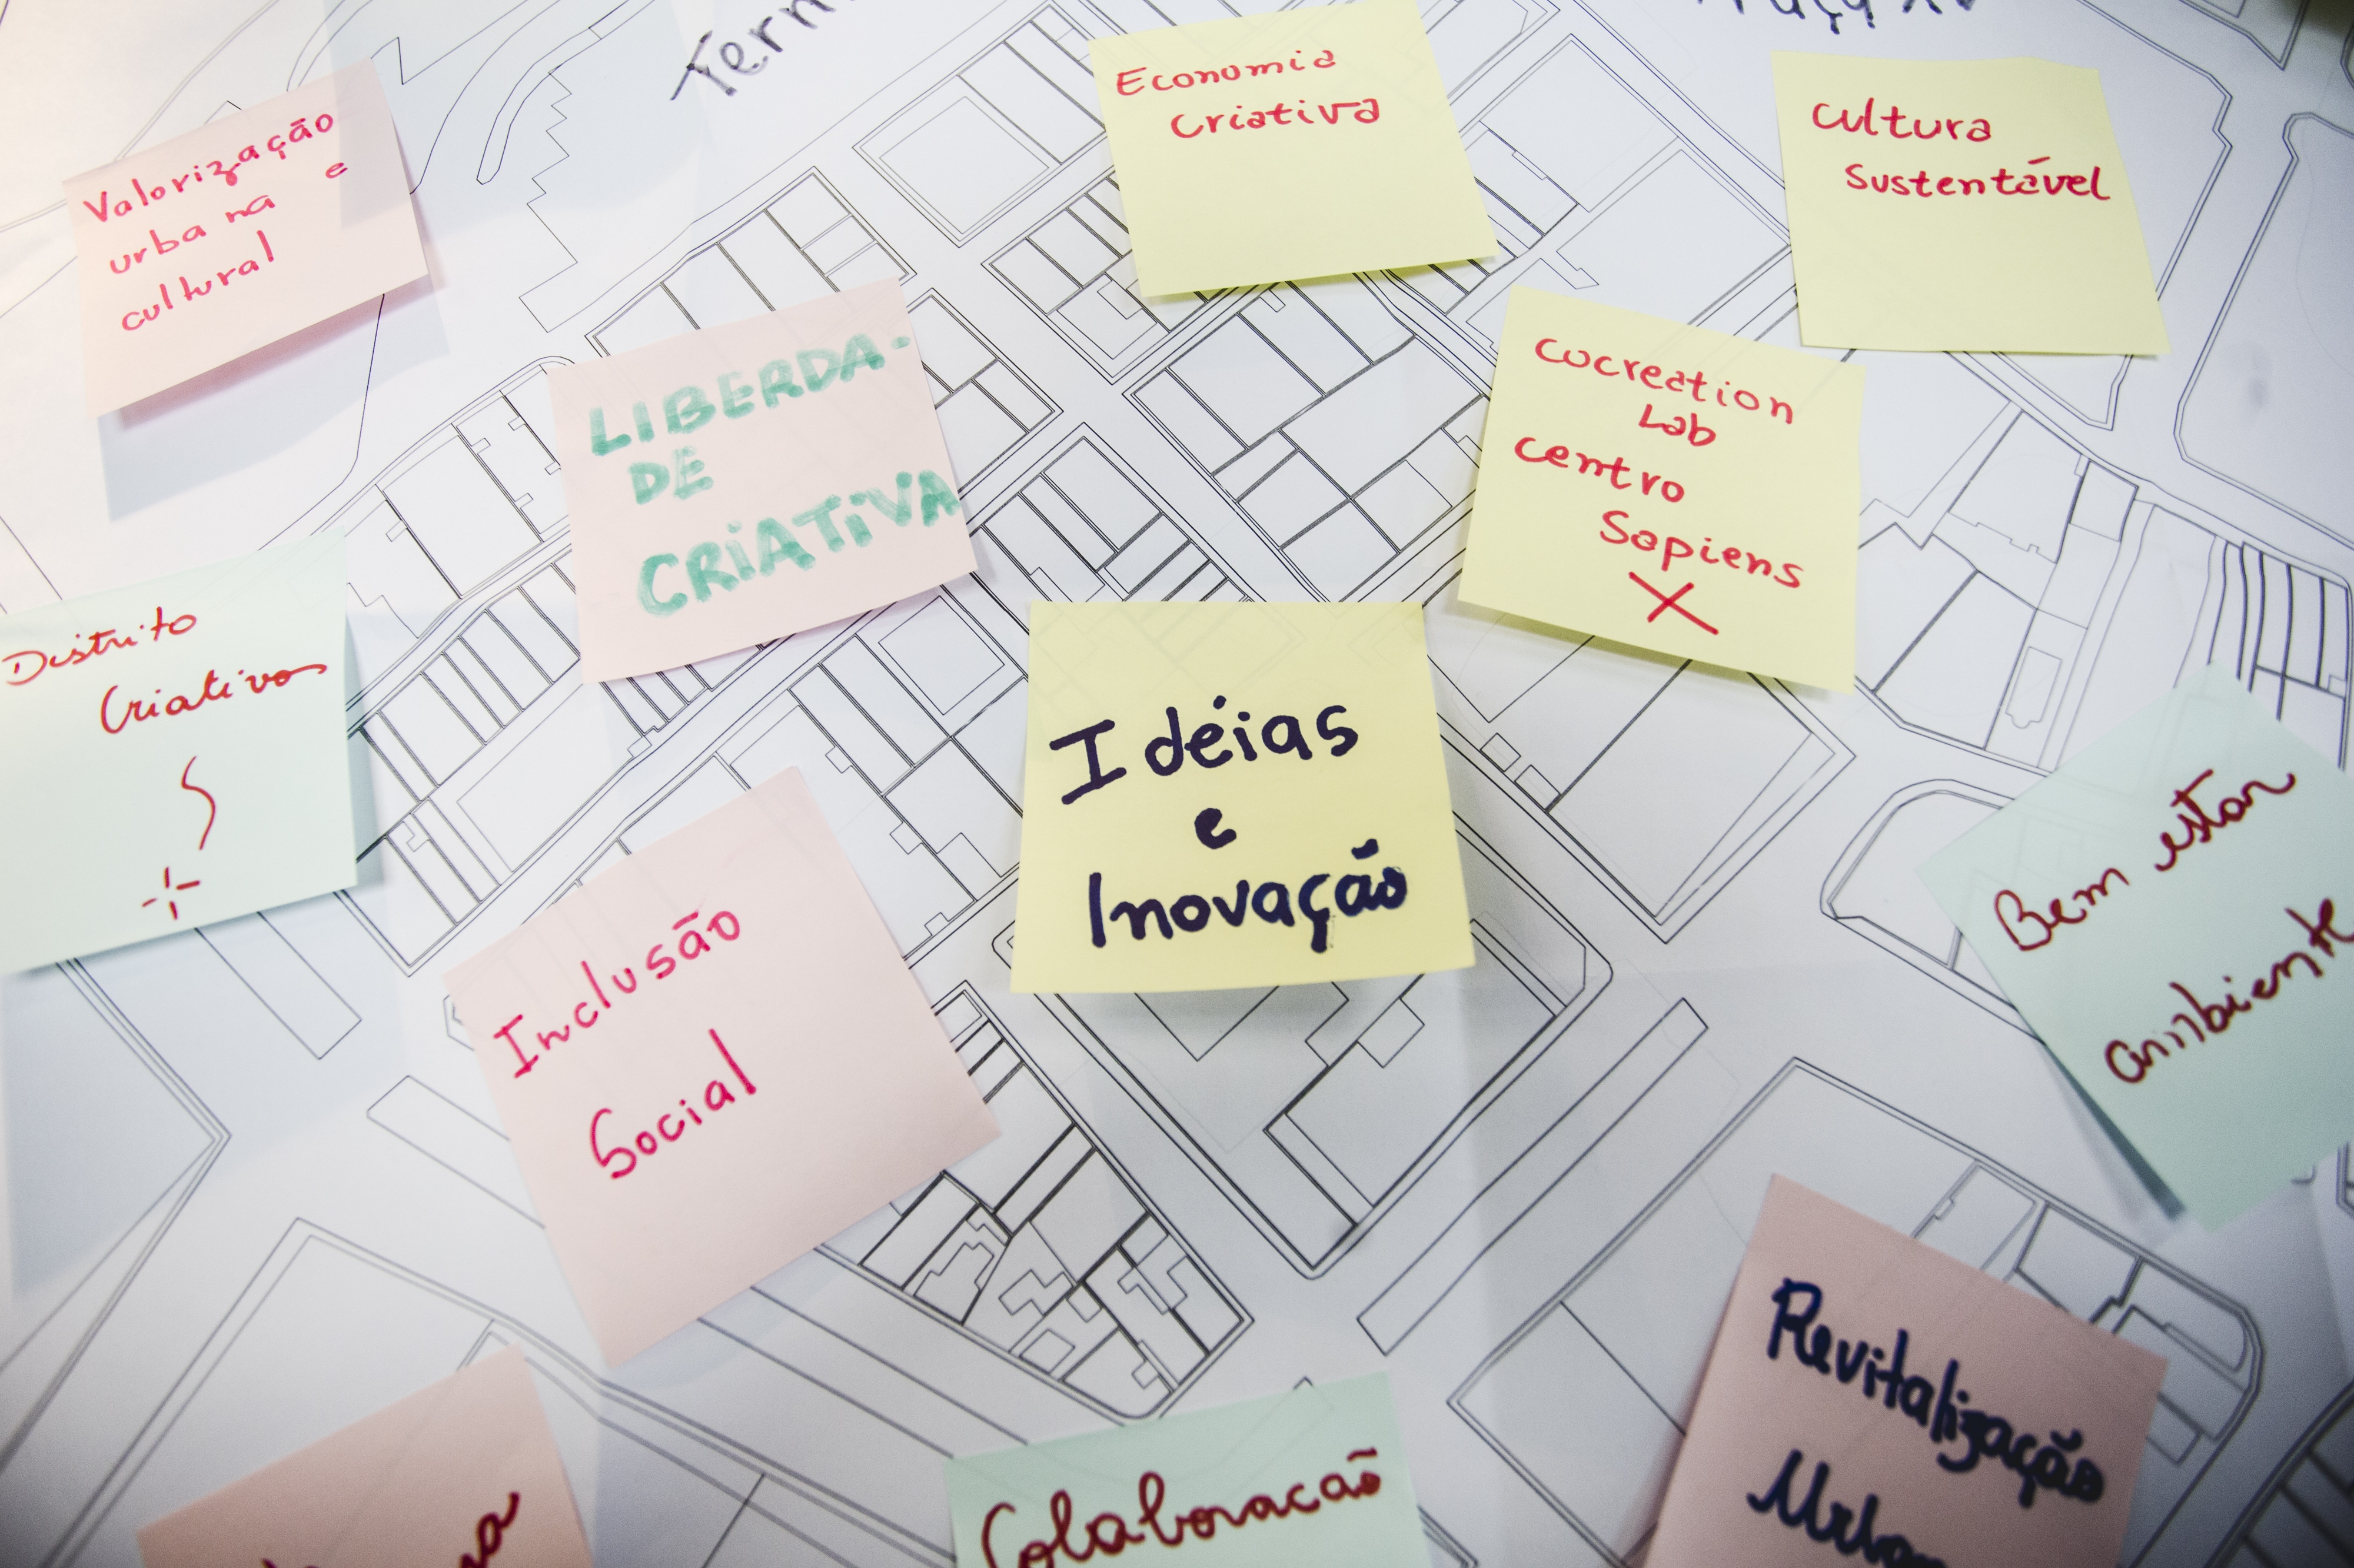 Seis projetos de espaços públicos de convivência para a revitalização do Centro Histórico de Florianópolis foram debatidos no projeto - Daniel Queiroz/ND